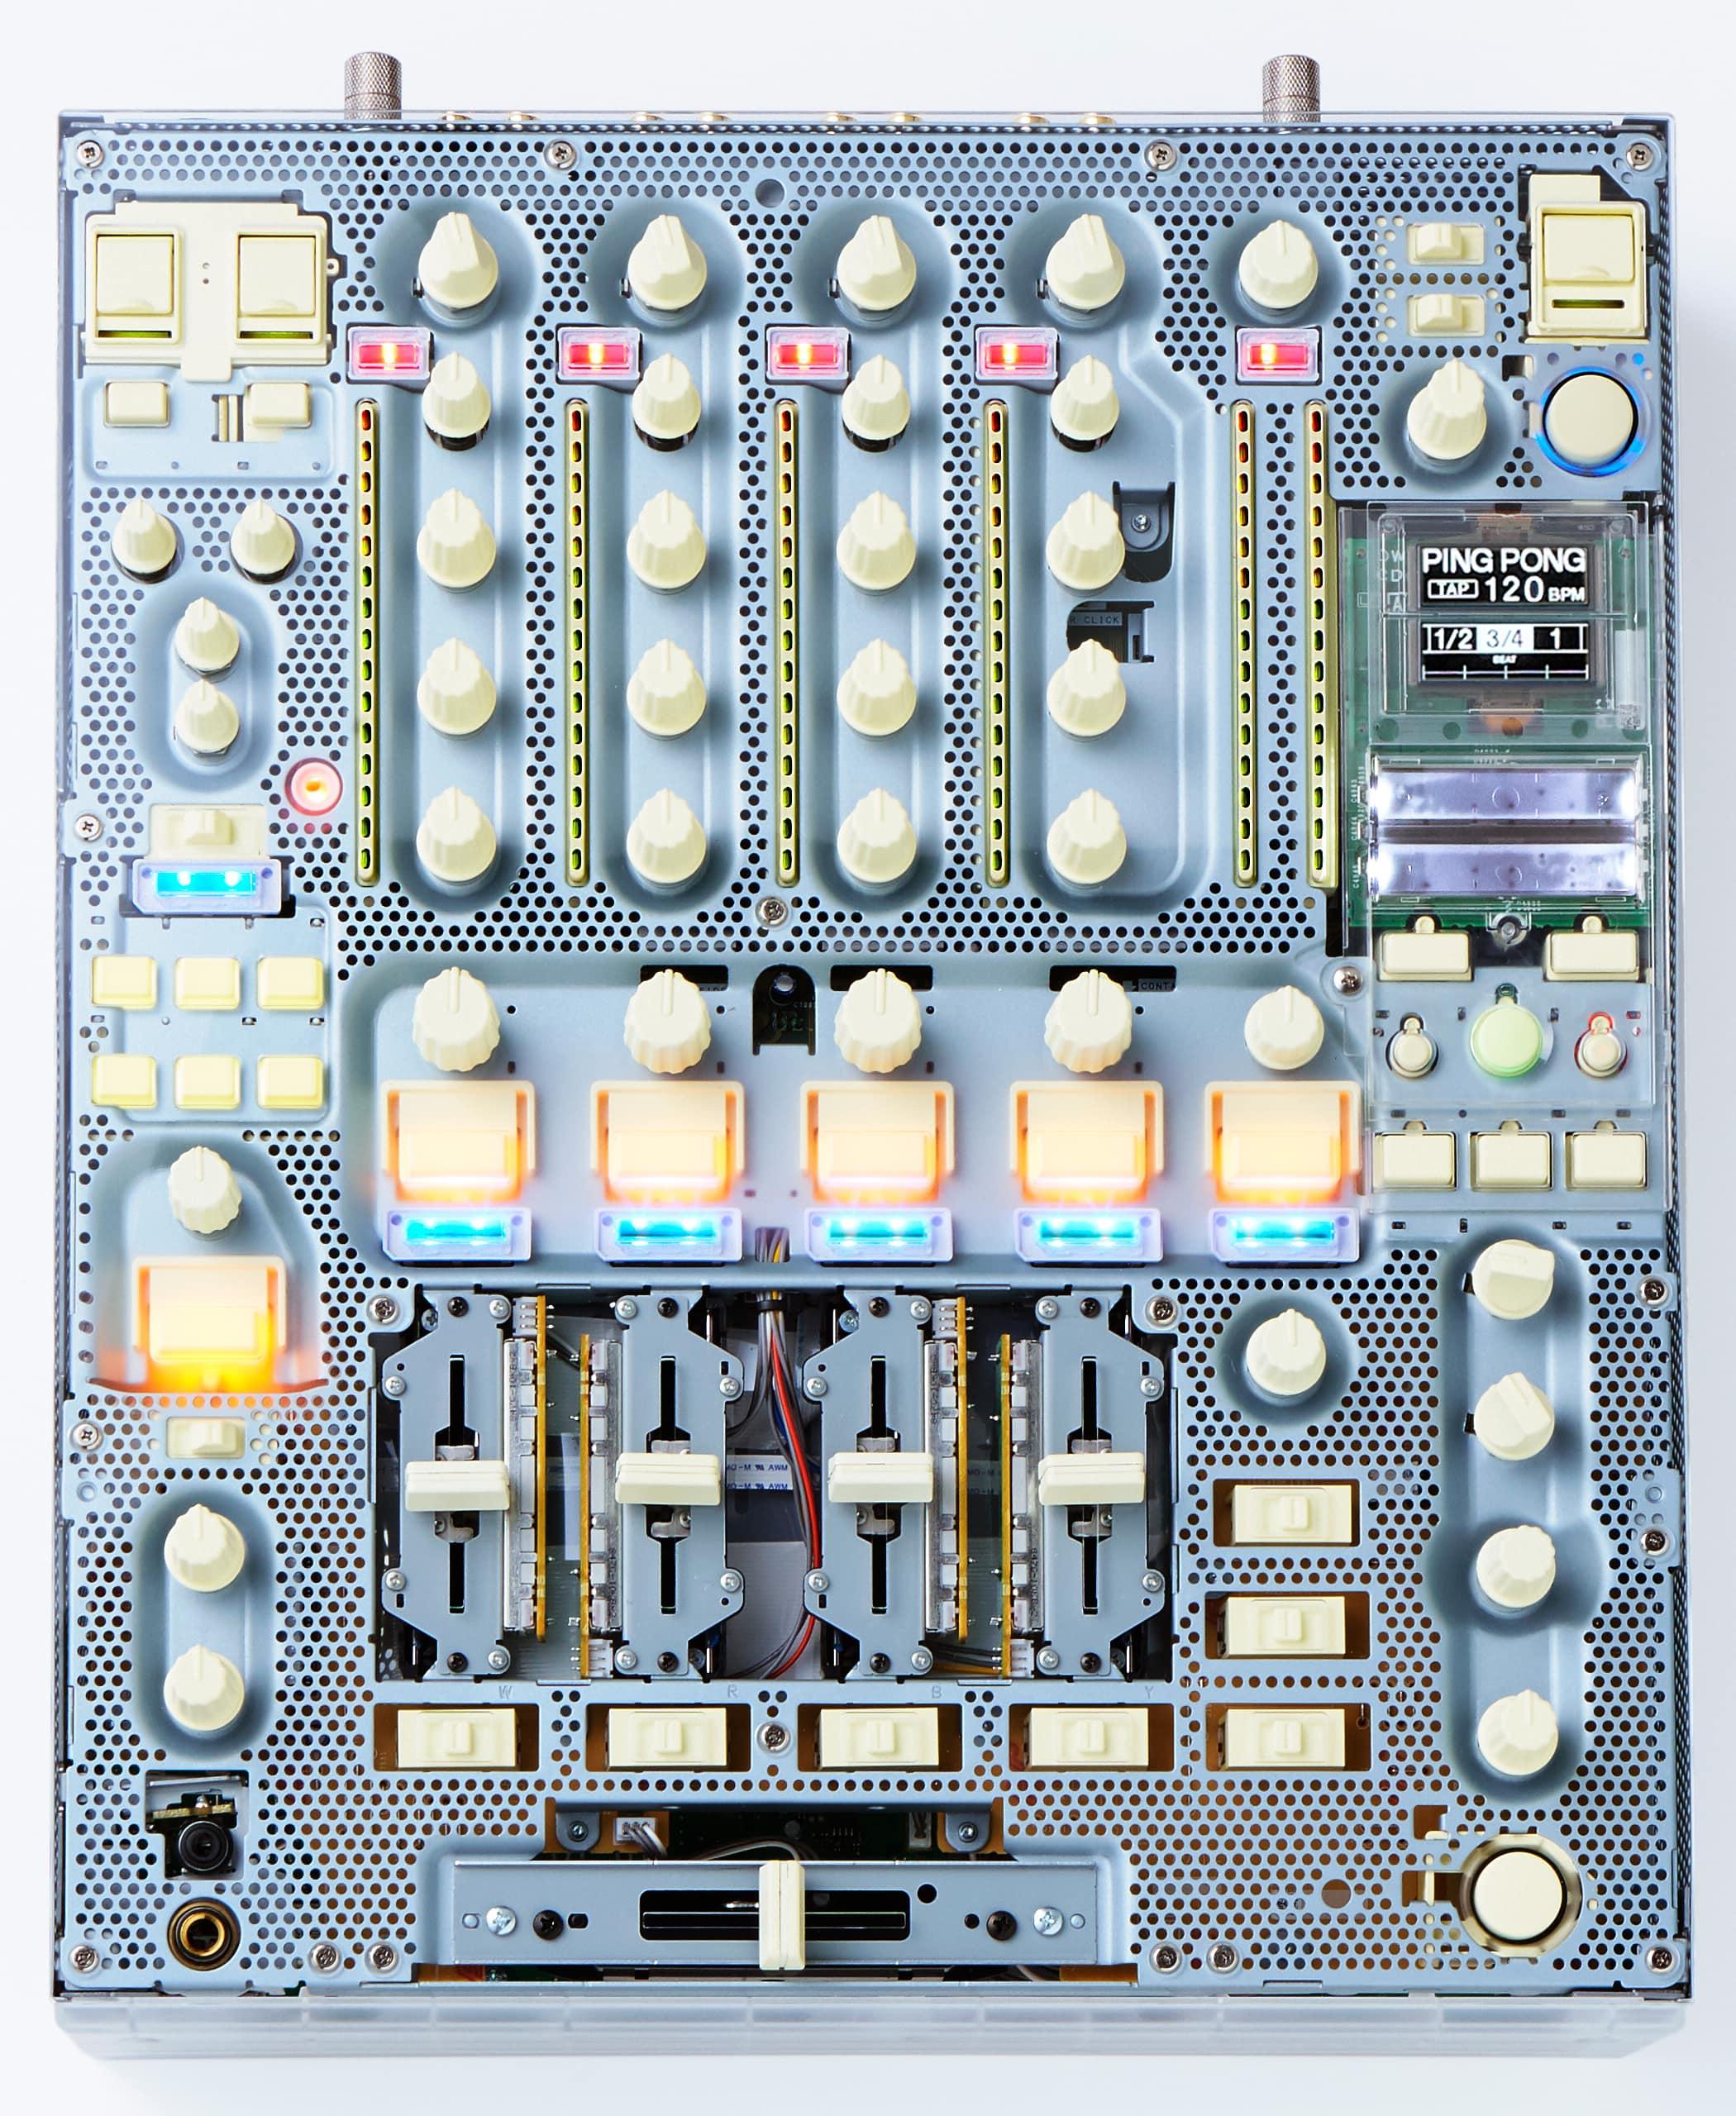 djm-img-01-modal